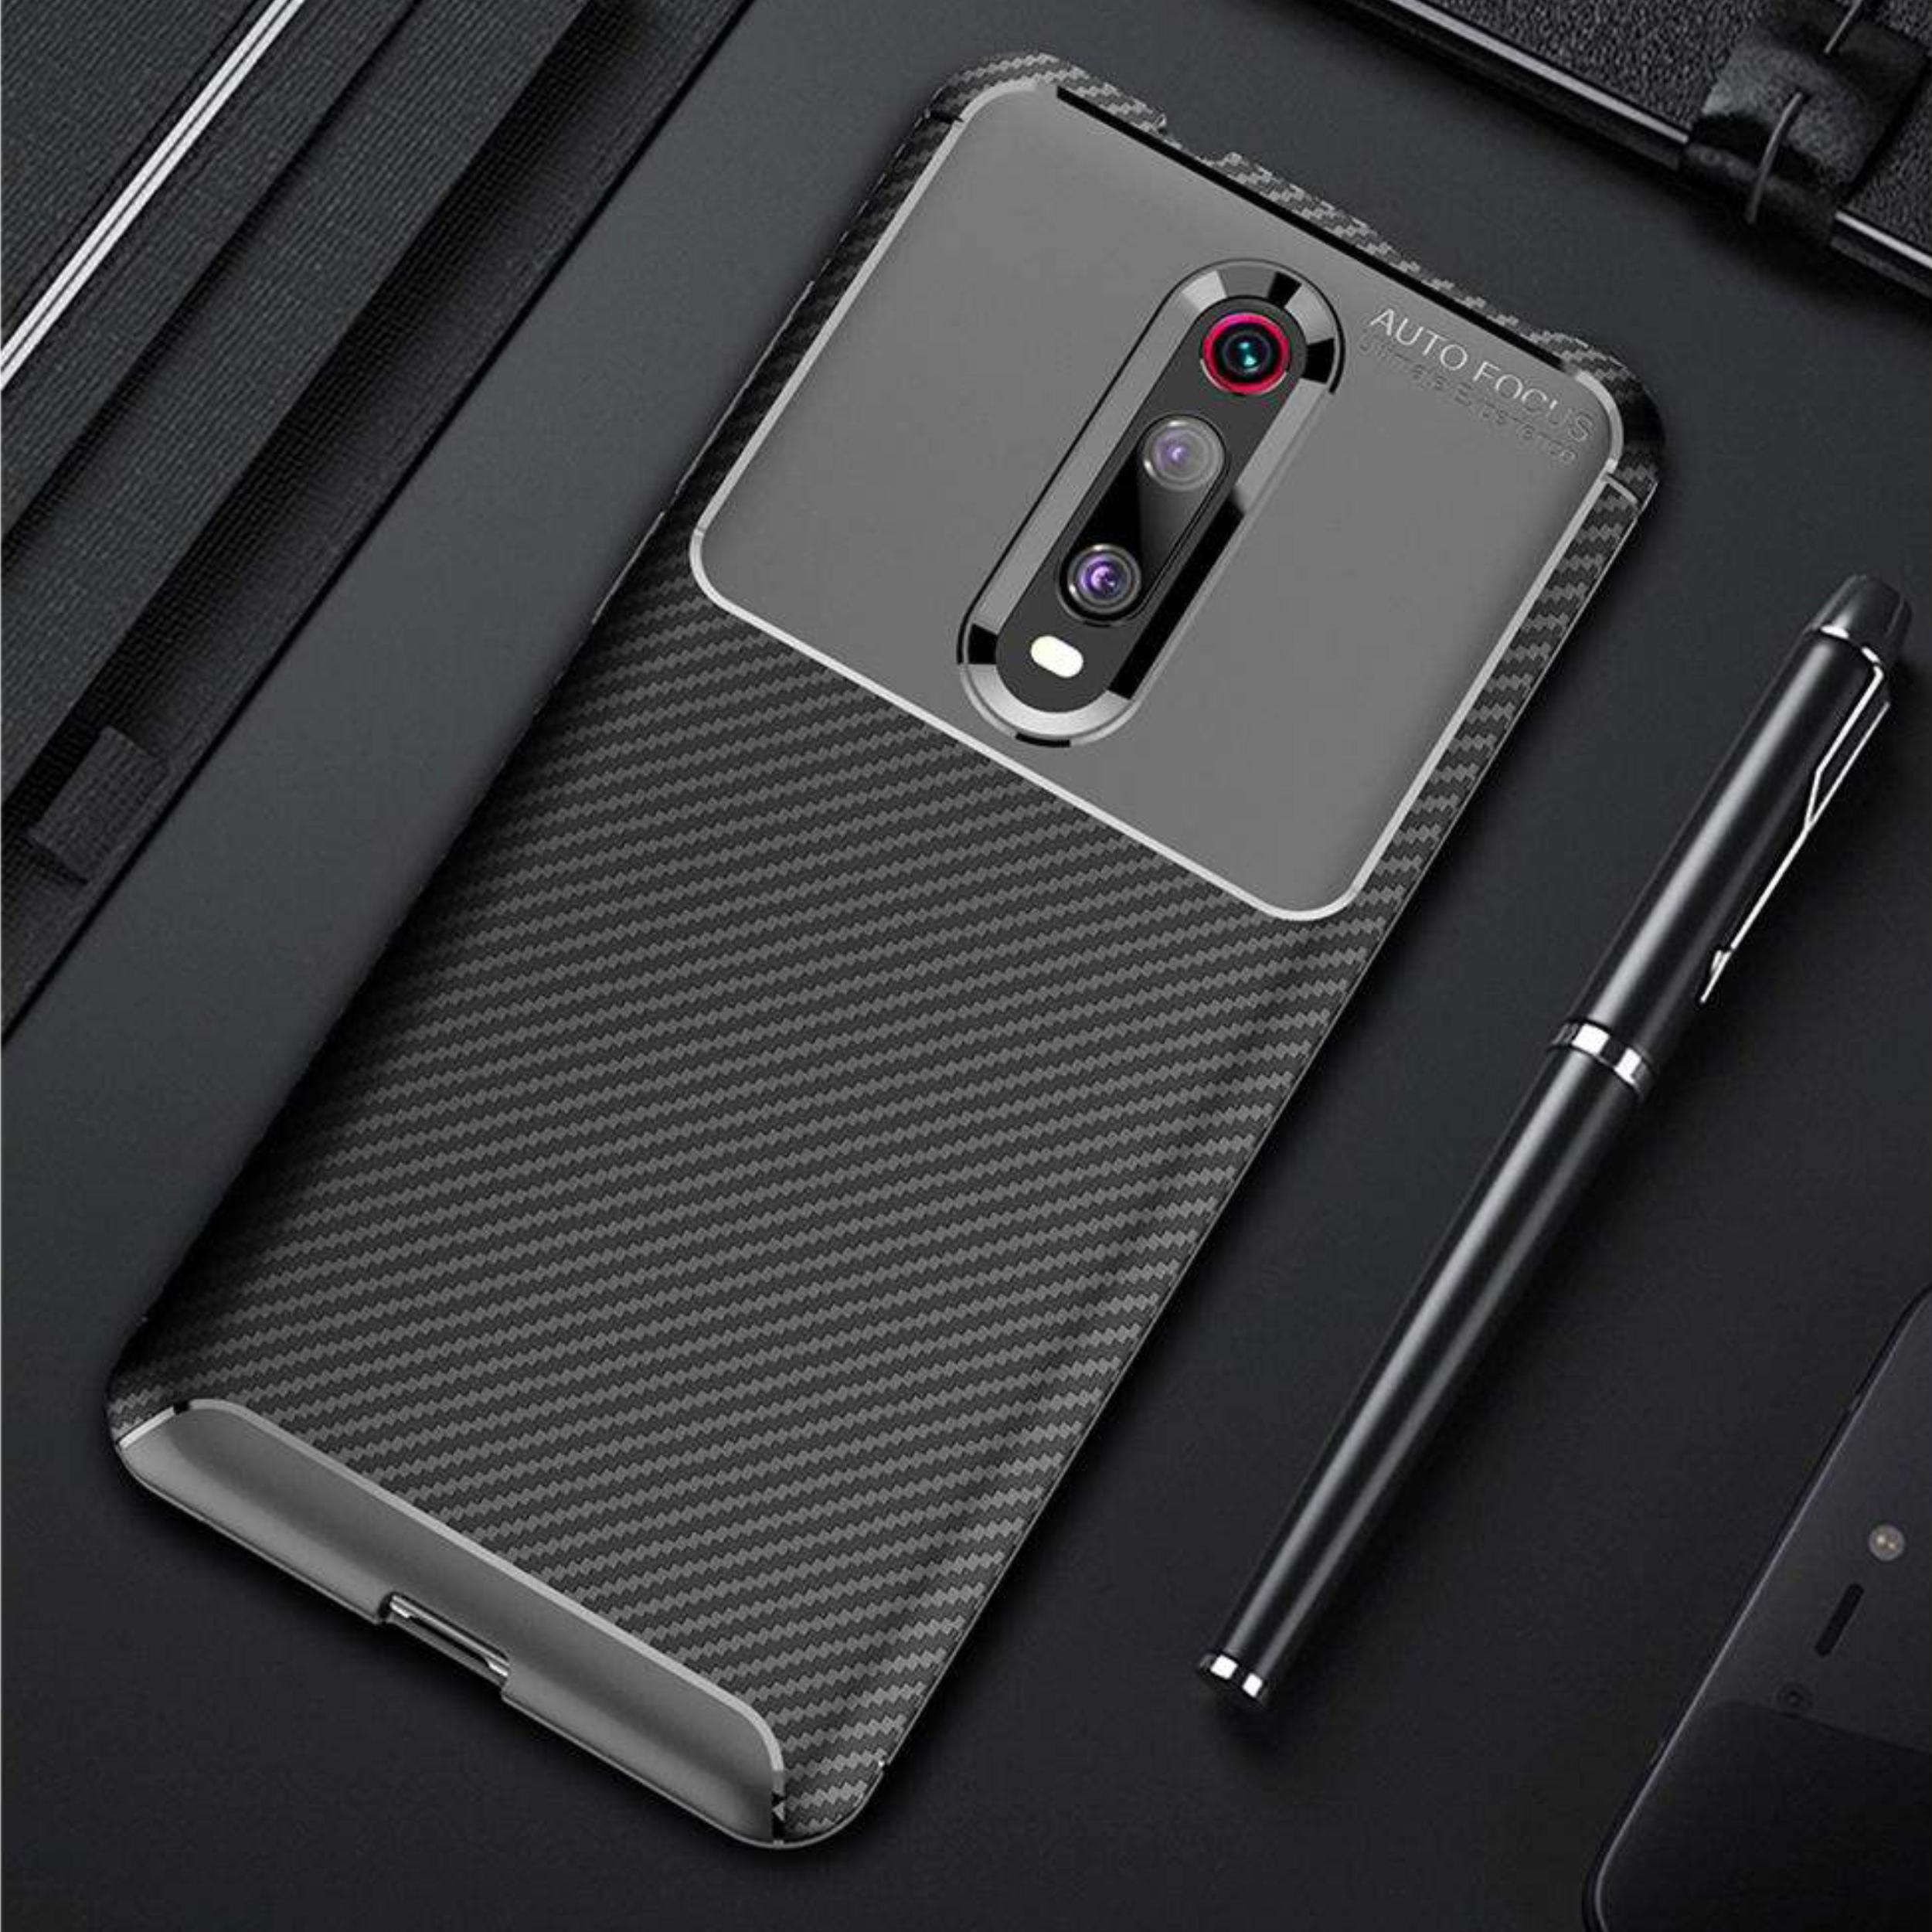 کاور لاین کینگ مدل A21 مناسب برای گوشی موبایل شیائومی Mi 9T / Mi9T pro thumb 2 2